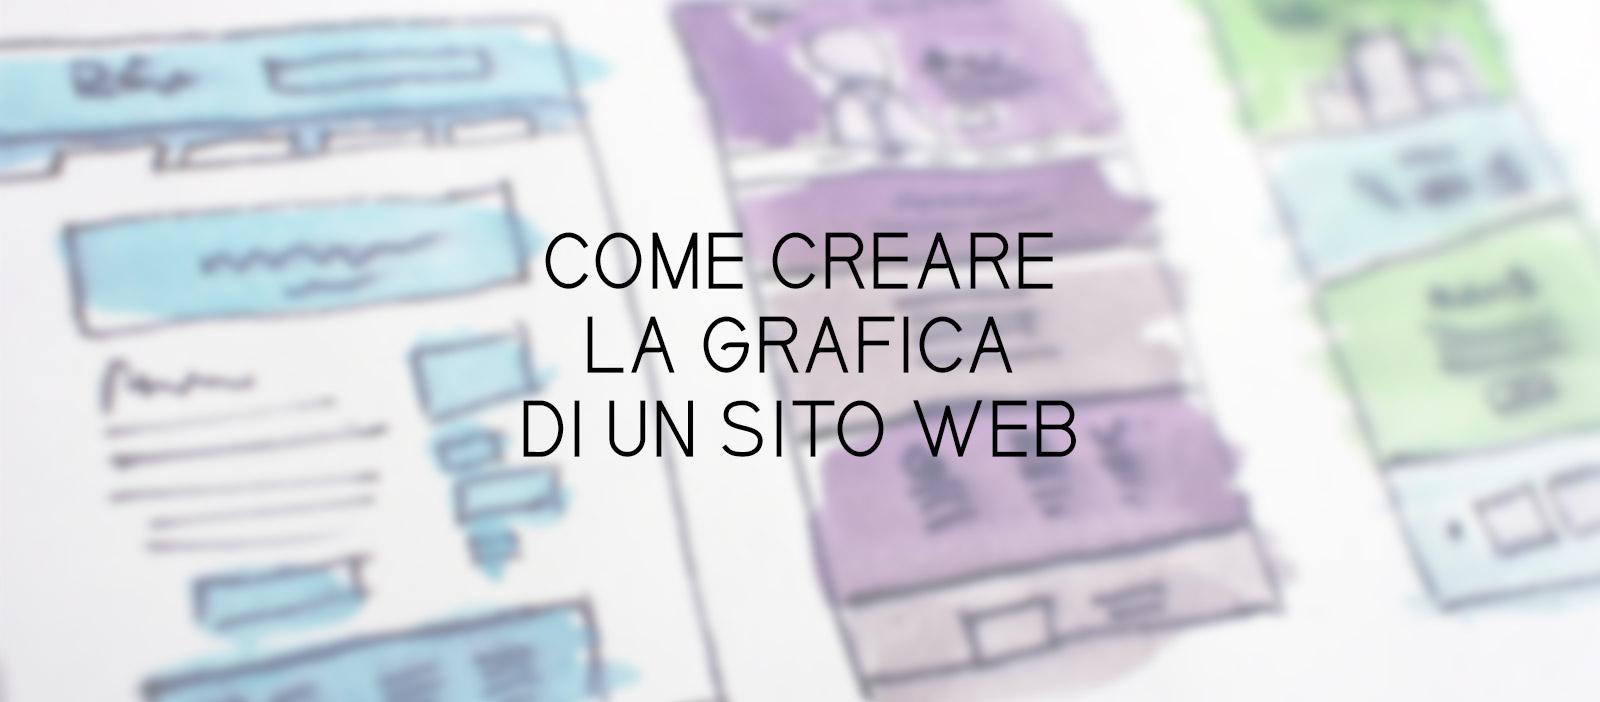 Come creare la grafica di un sito web